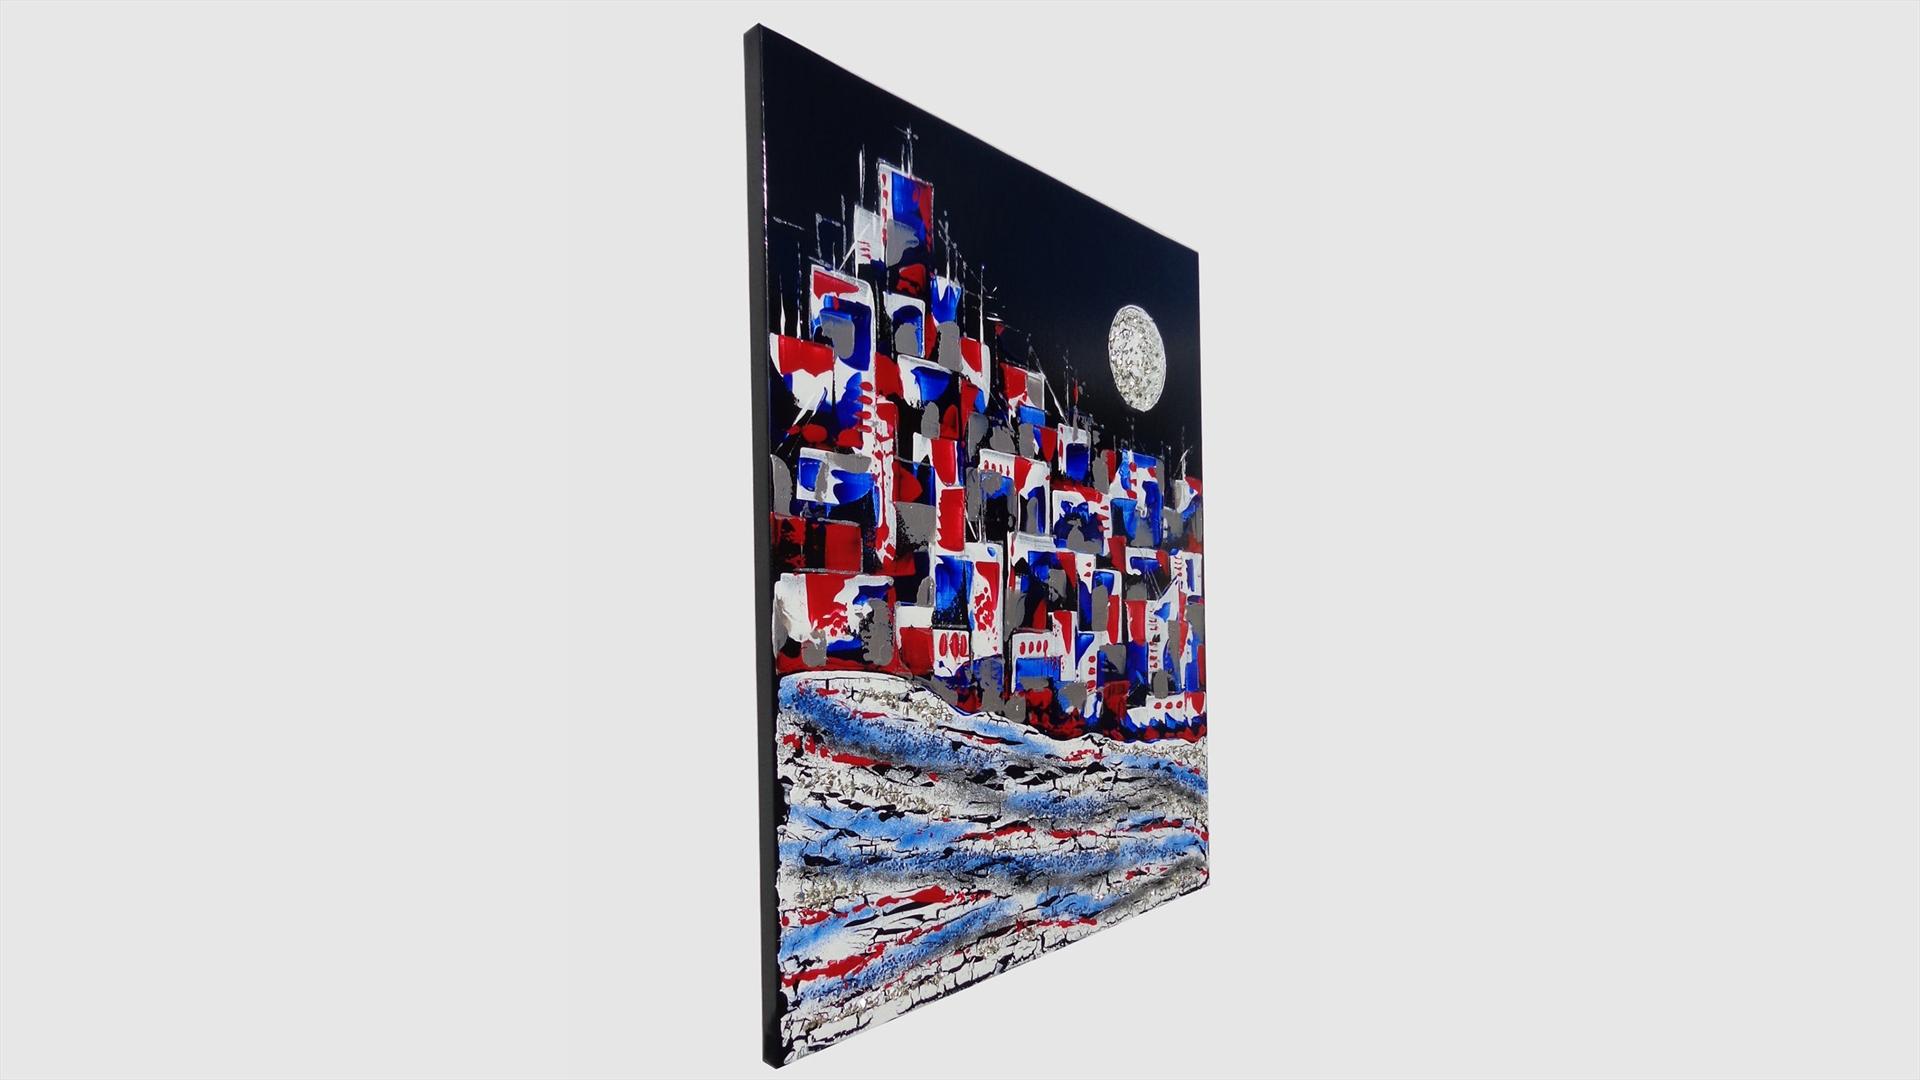 Citt astratta in rosso e in blu vendita quadri online for Quadri astratti dipinti a mano